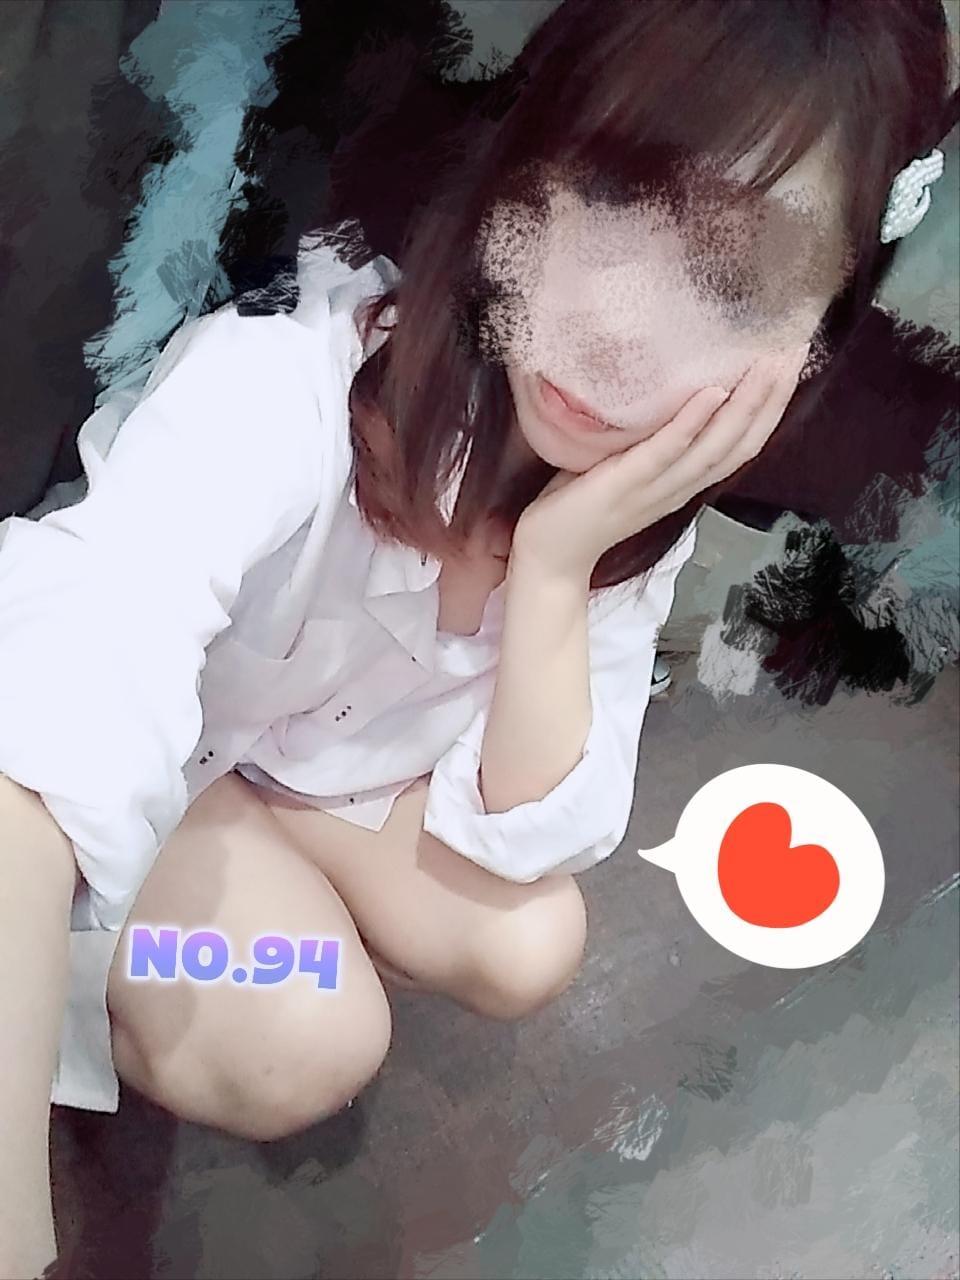 「No.94 小泉 少しおつかれ( ´・ω・`)」03/01(月) 18:39 | 小泉の写メ・風俗動画